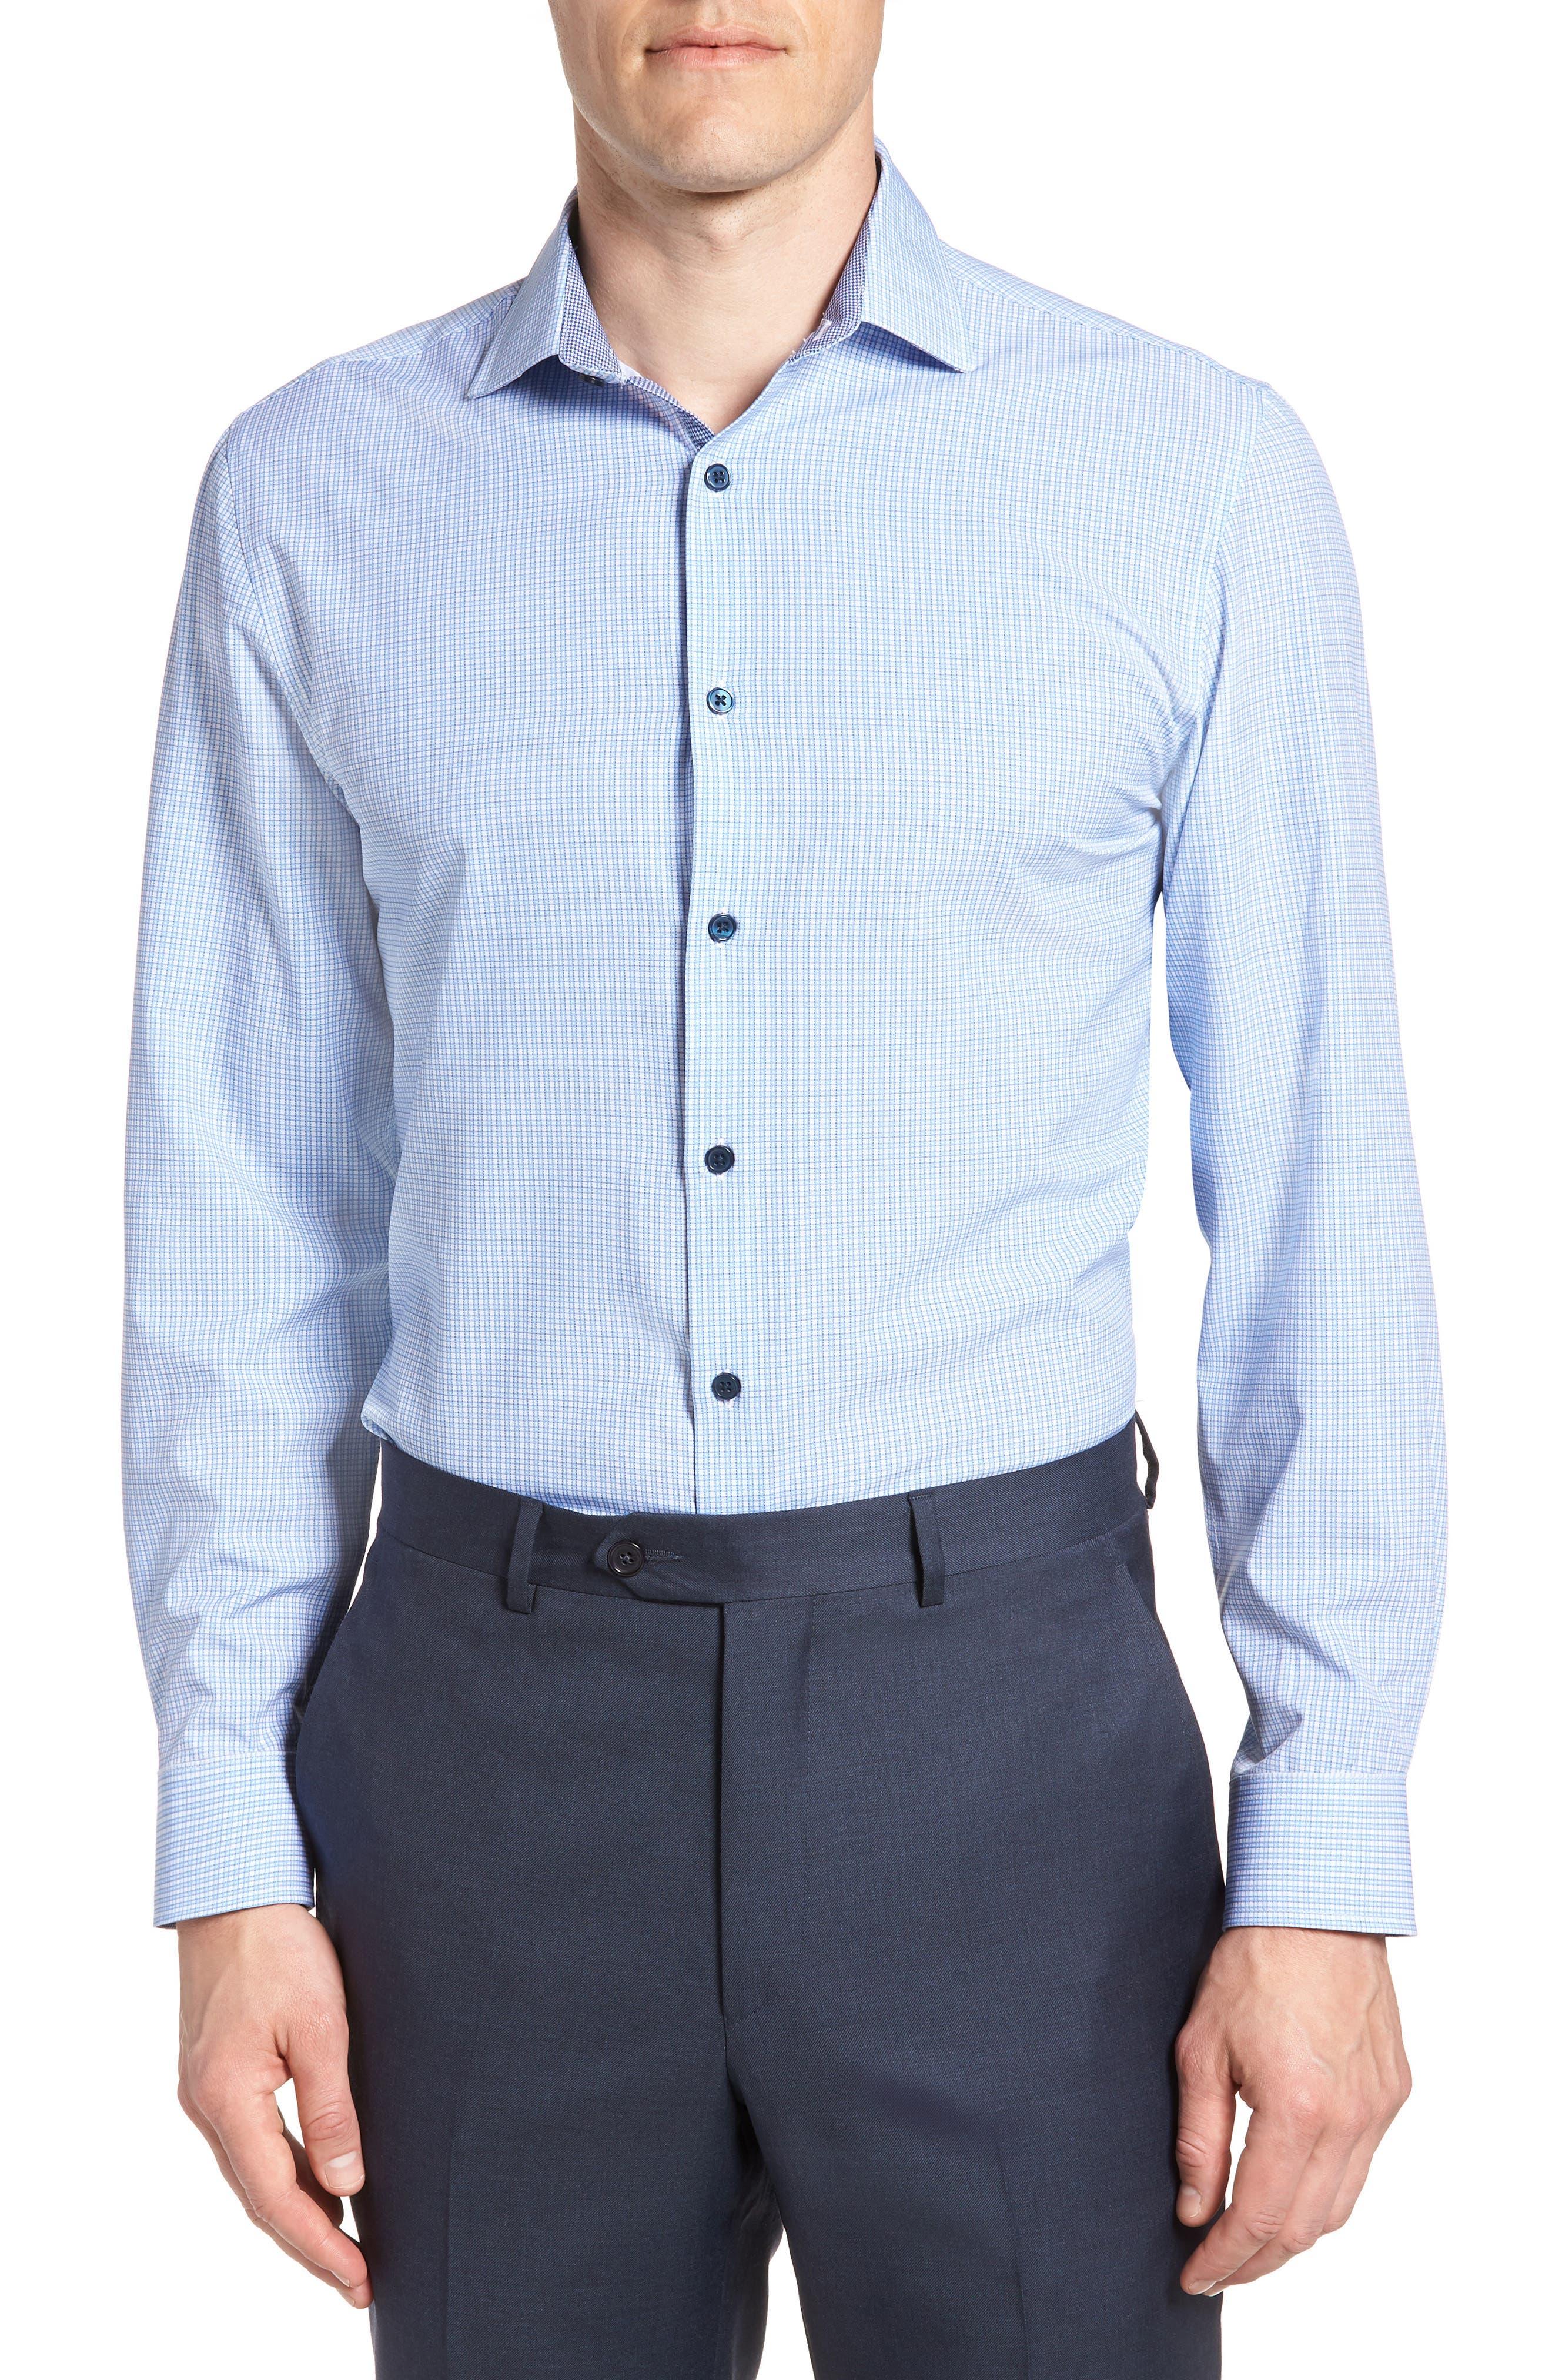 Trim Fit Check 4-Way Stretch Dress Shirt,                         Main,                         color, BLUE